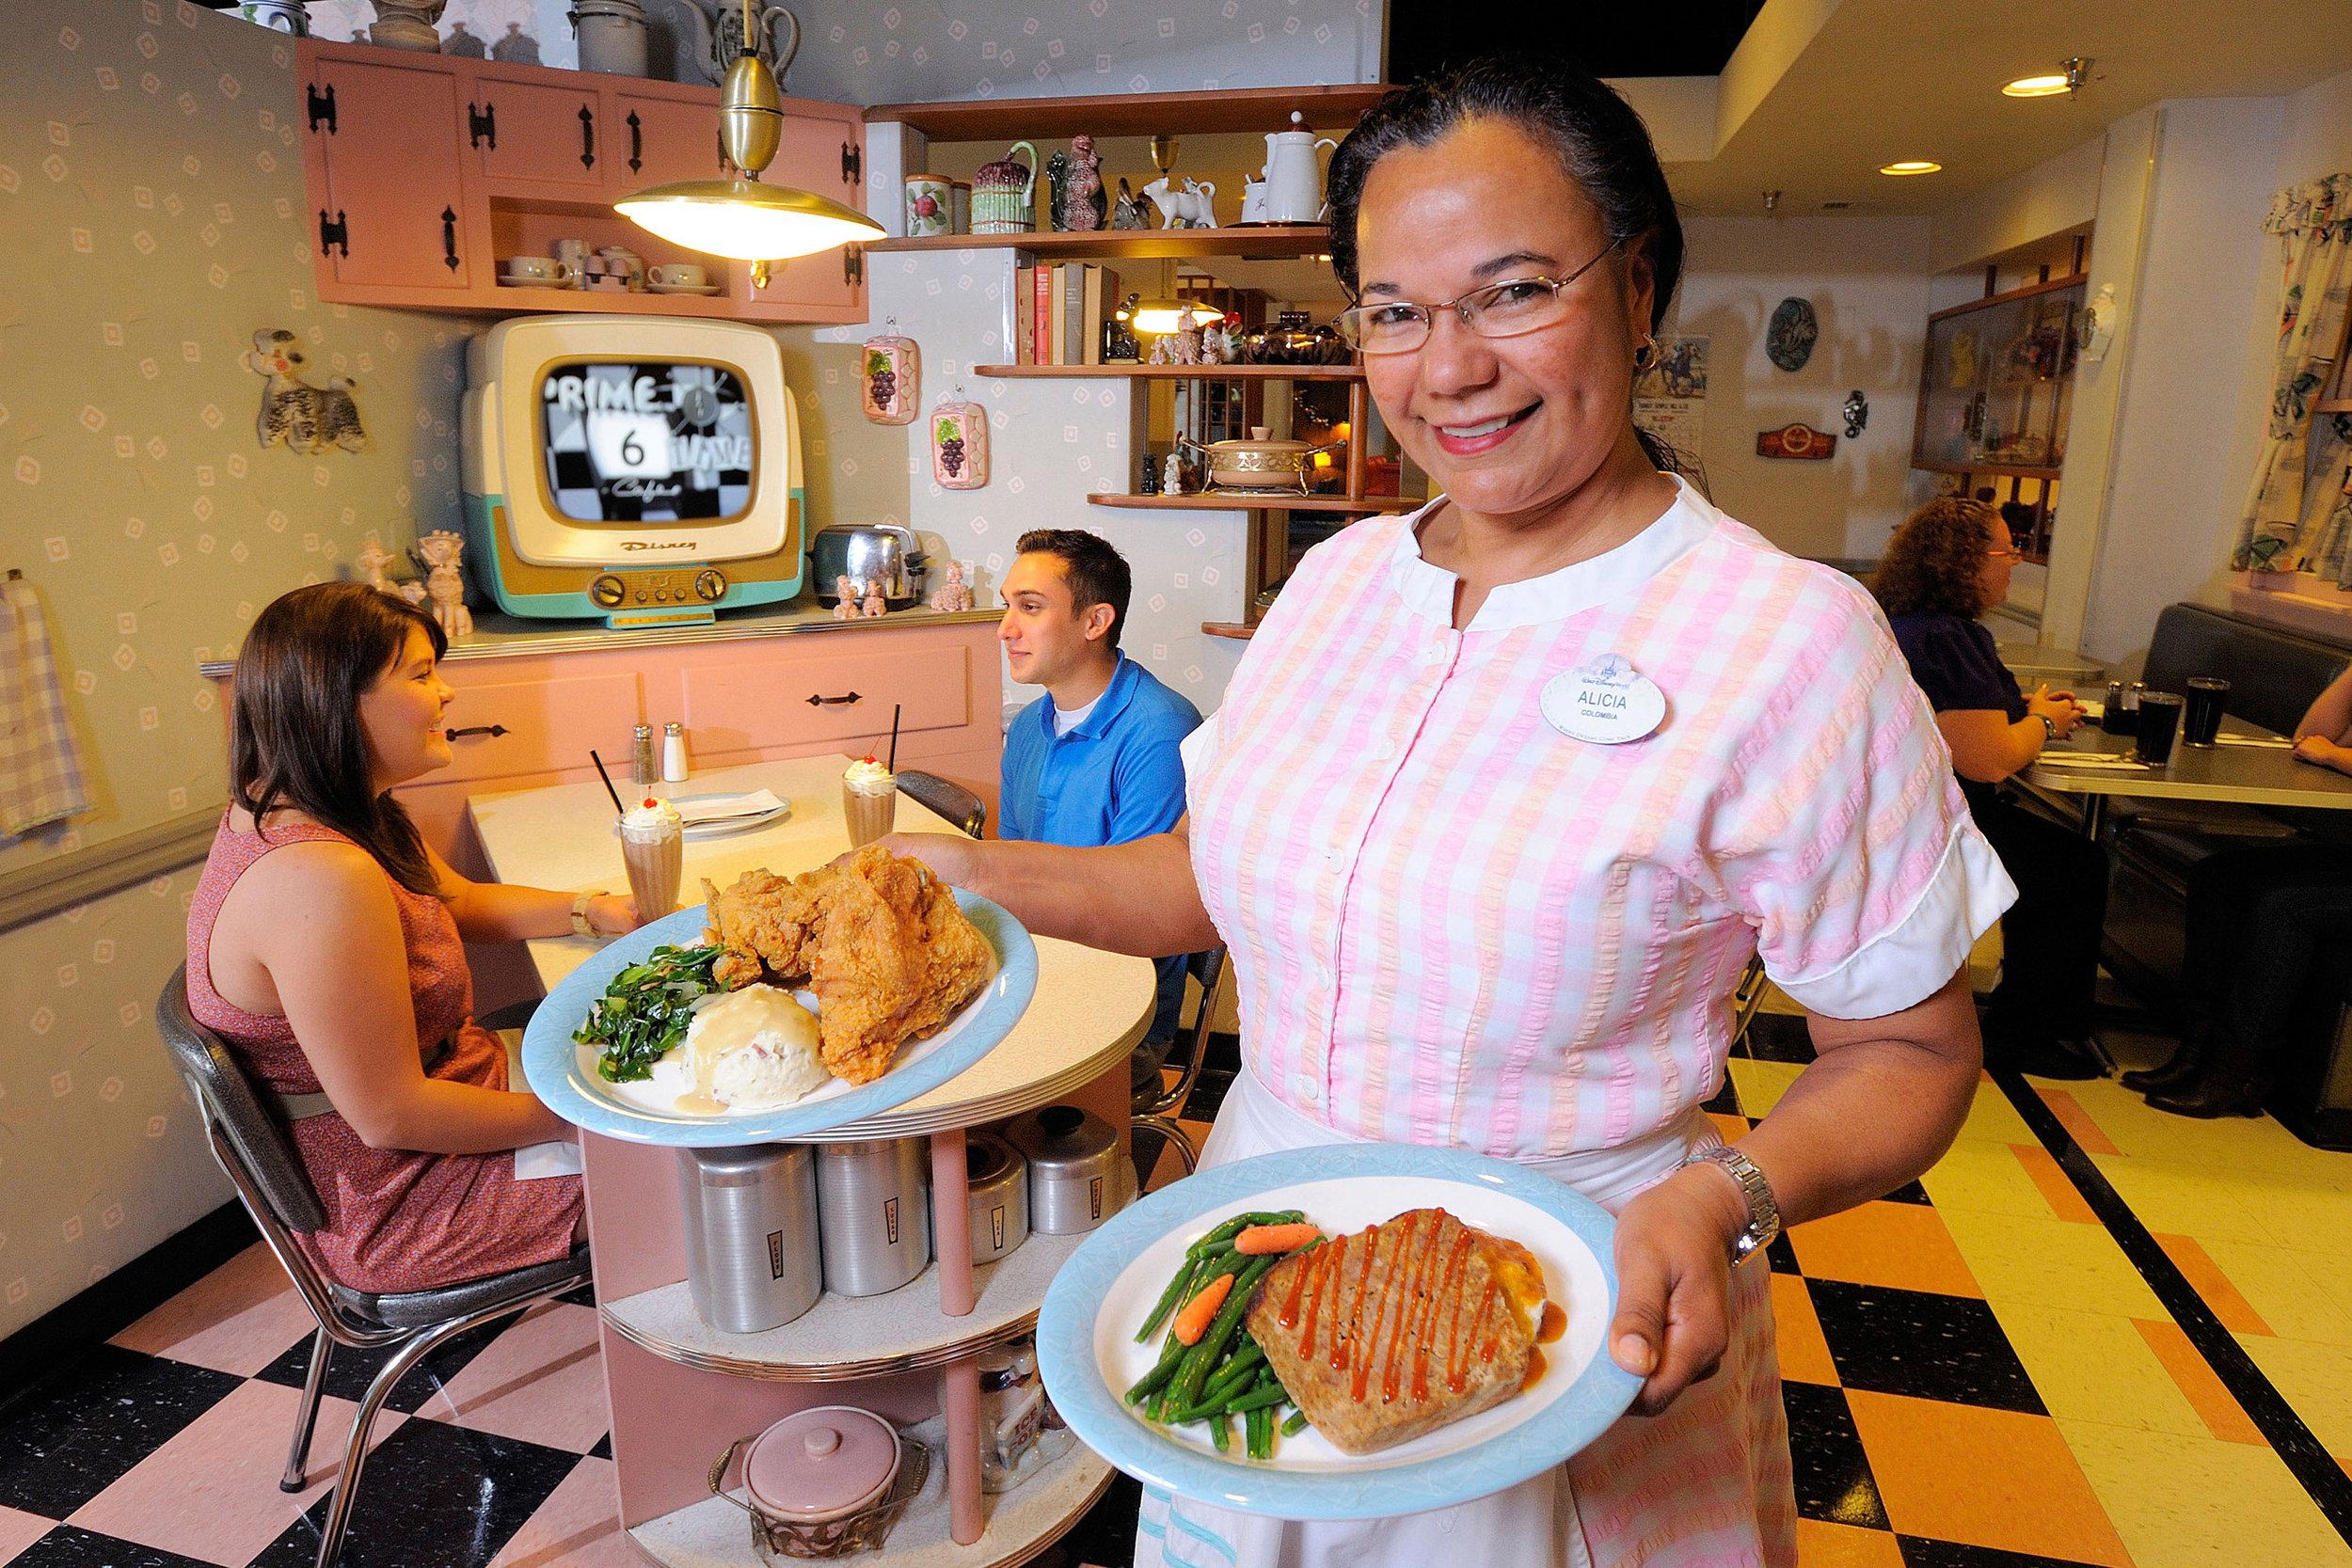 Best Restaurants at Walt Disney World - Prime Time Cafe